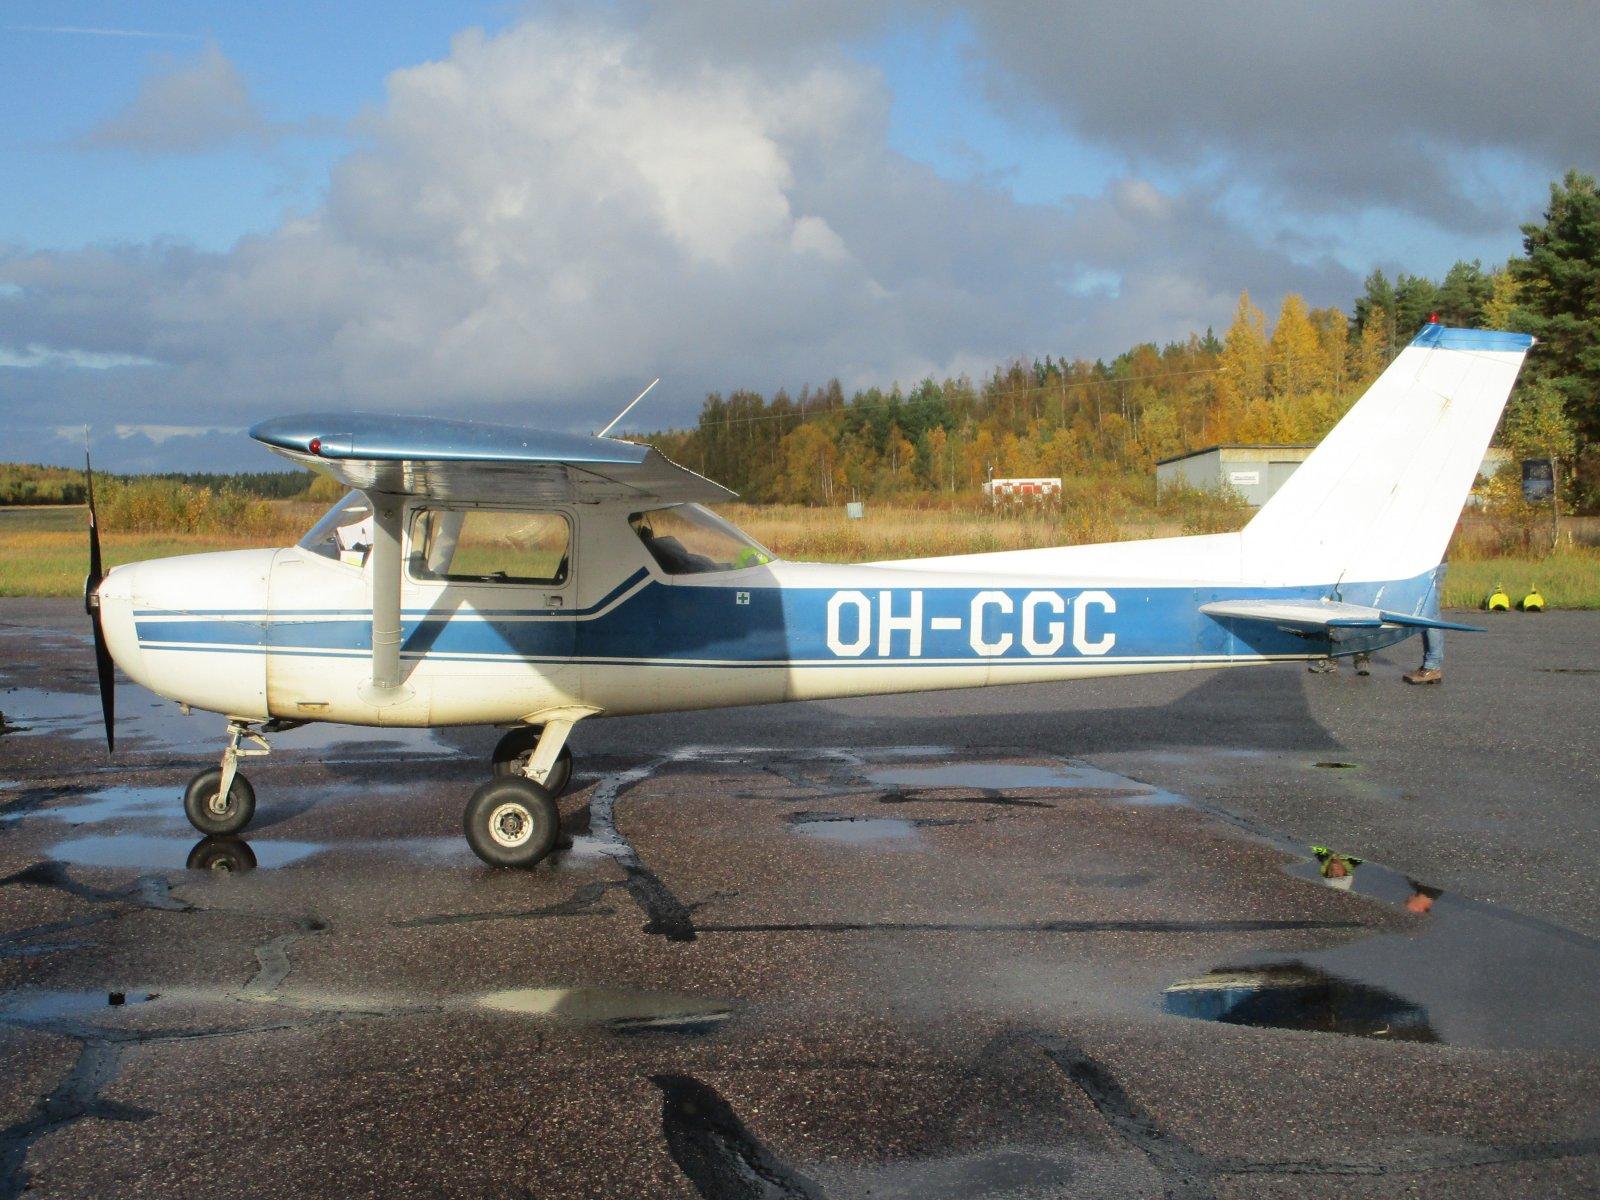 Reims/Cessna F150M, OH-CGC EFHN 2019-10-11